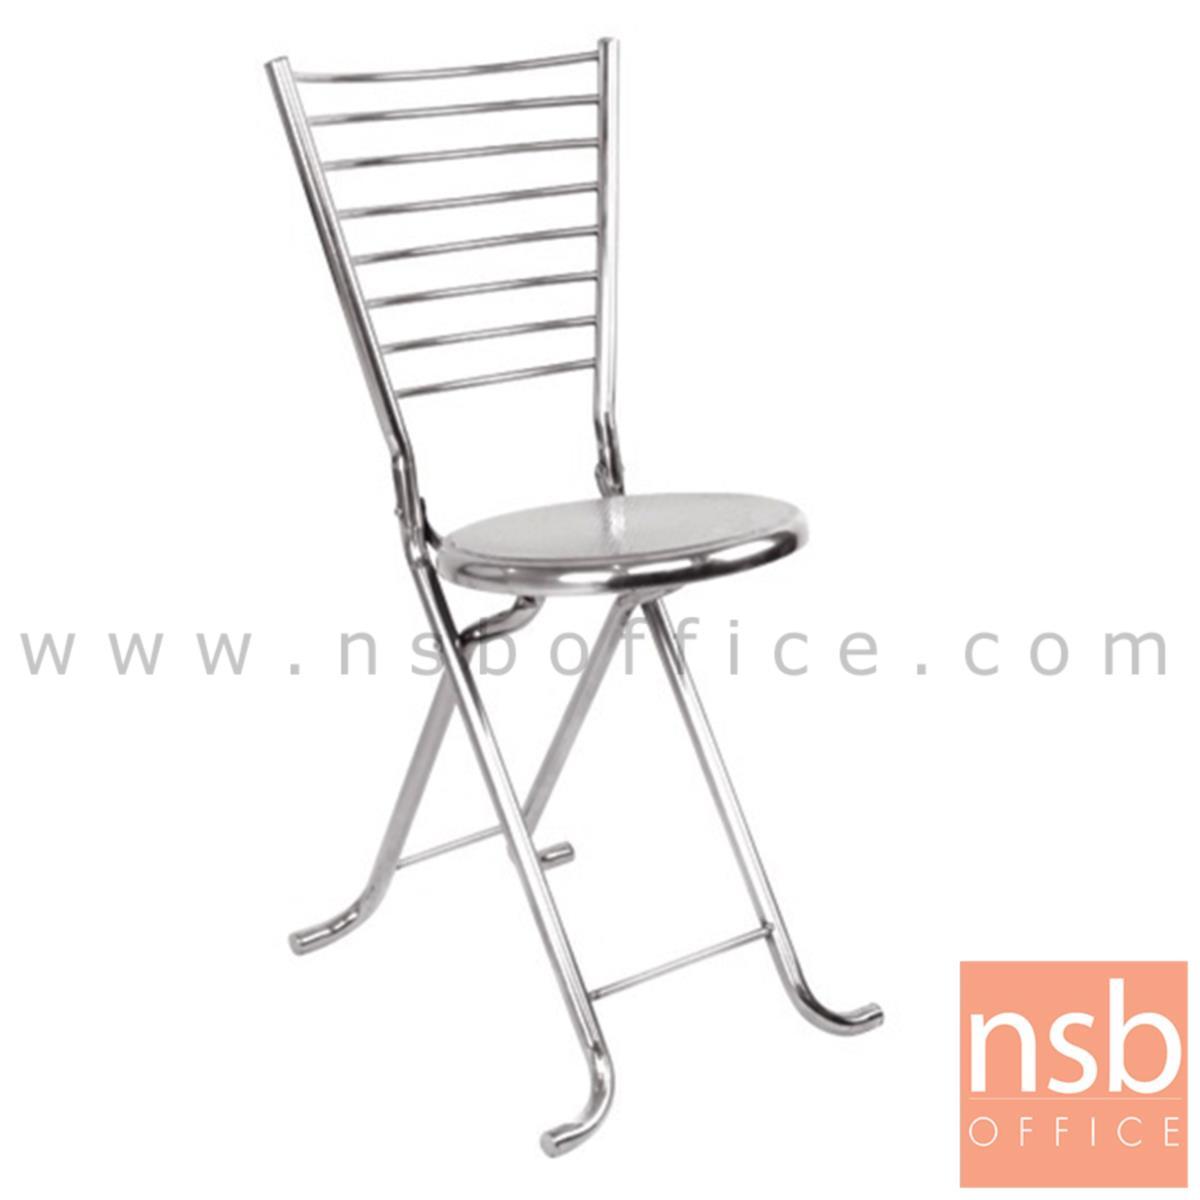 B10A007:เก้าอี้พับที่นั่งสเตนเลสทรงพิณ 8 สาย รุ่น Santiago (ซานเทียโก้) ขาสเตนเลส